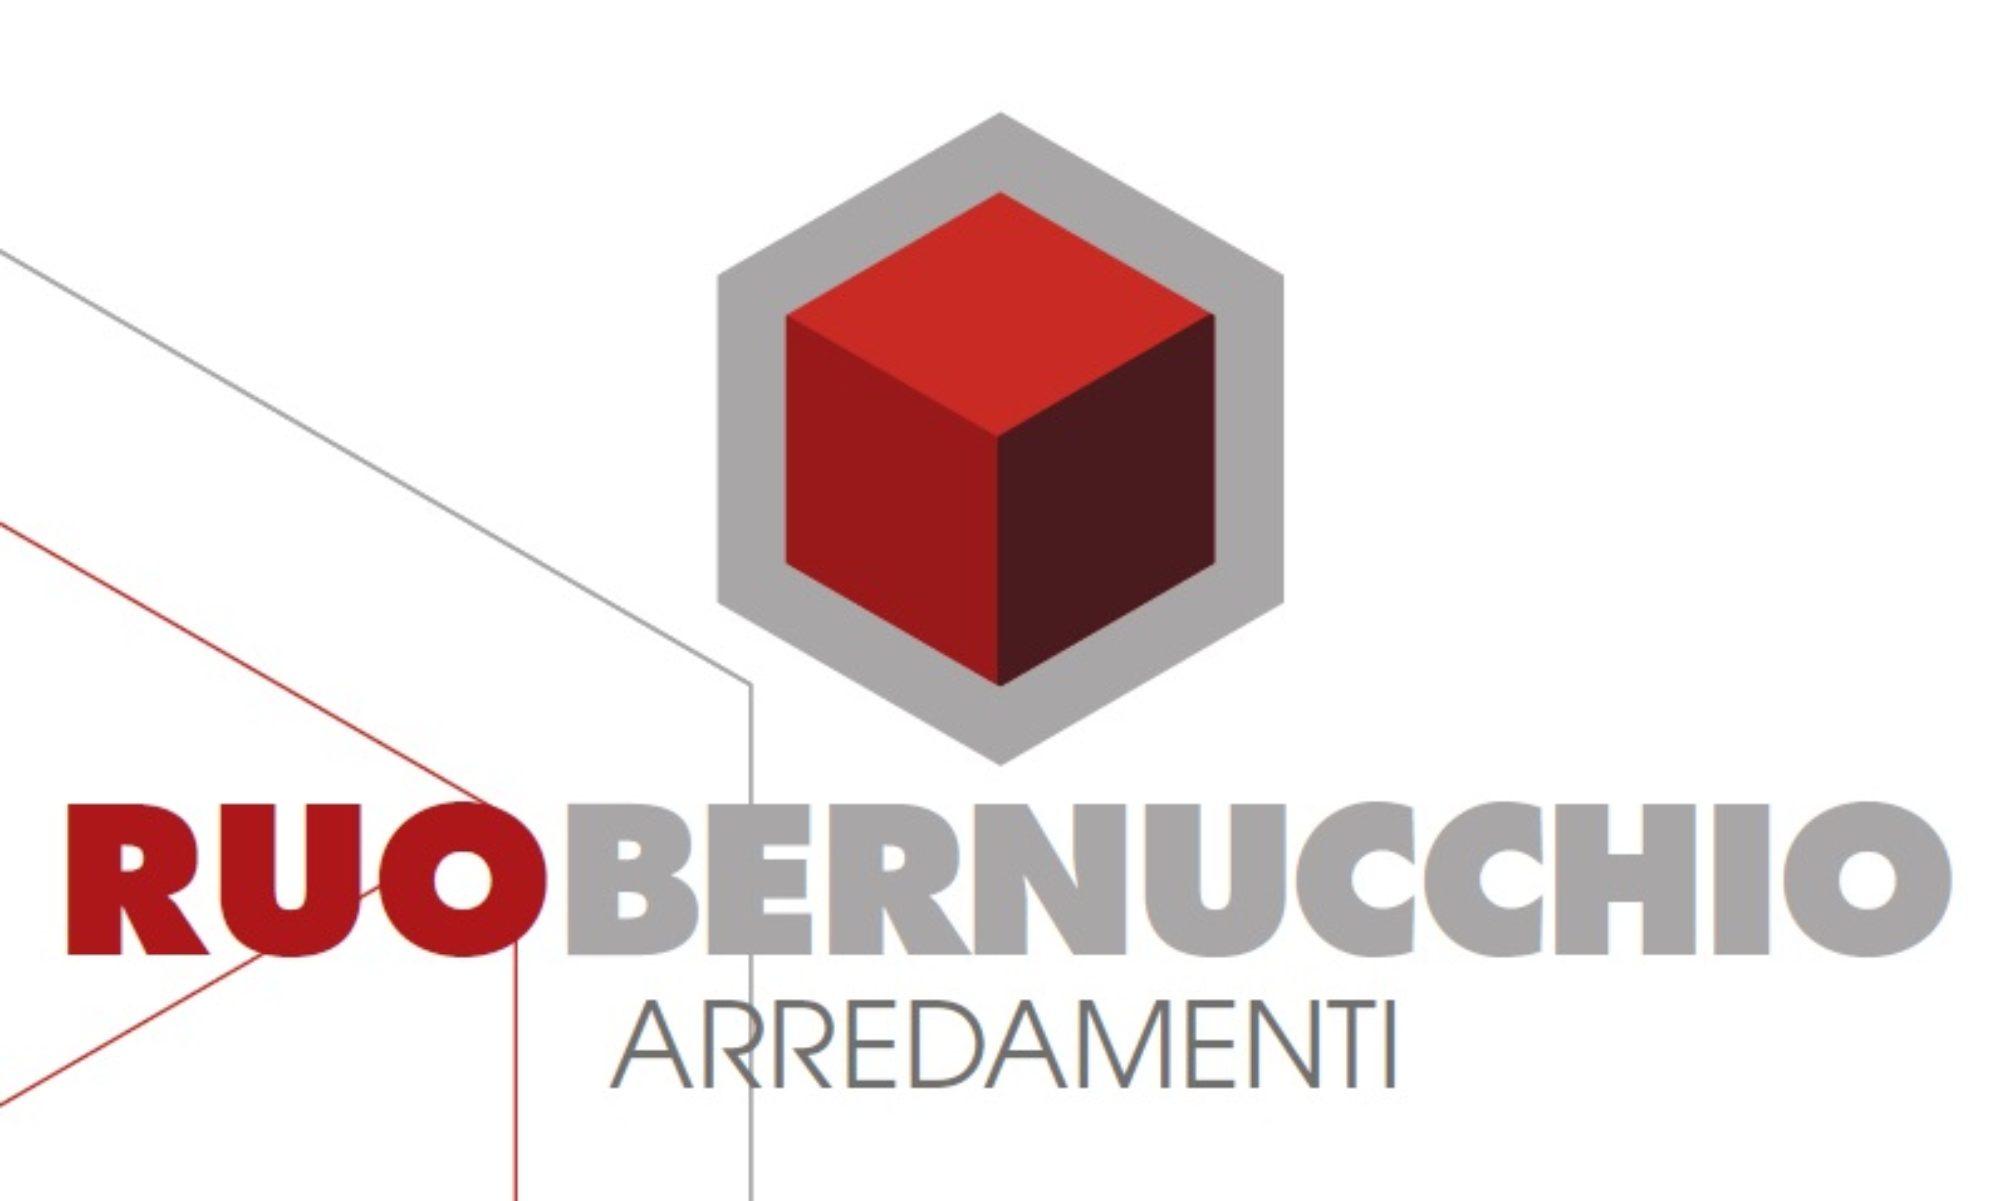 RUO BERNUCCHIO ARREDAMENTI